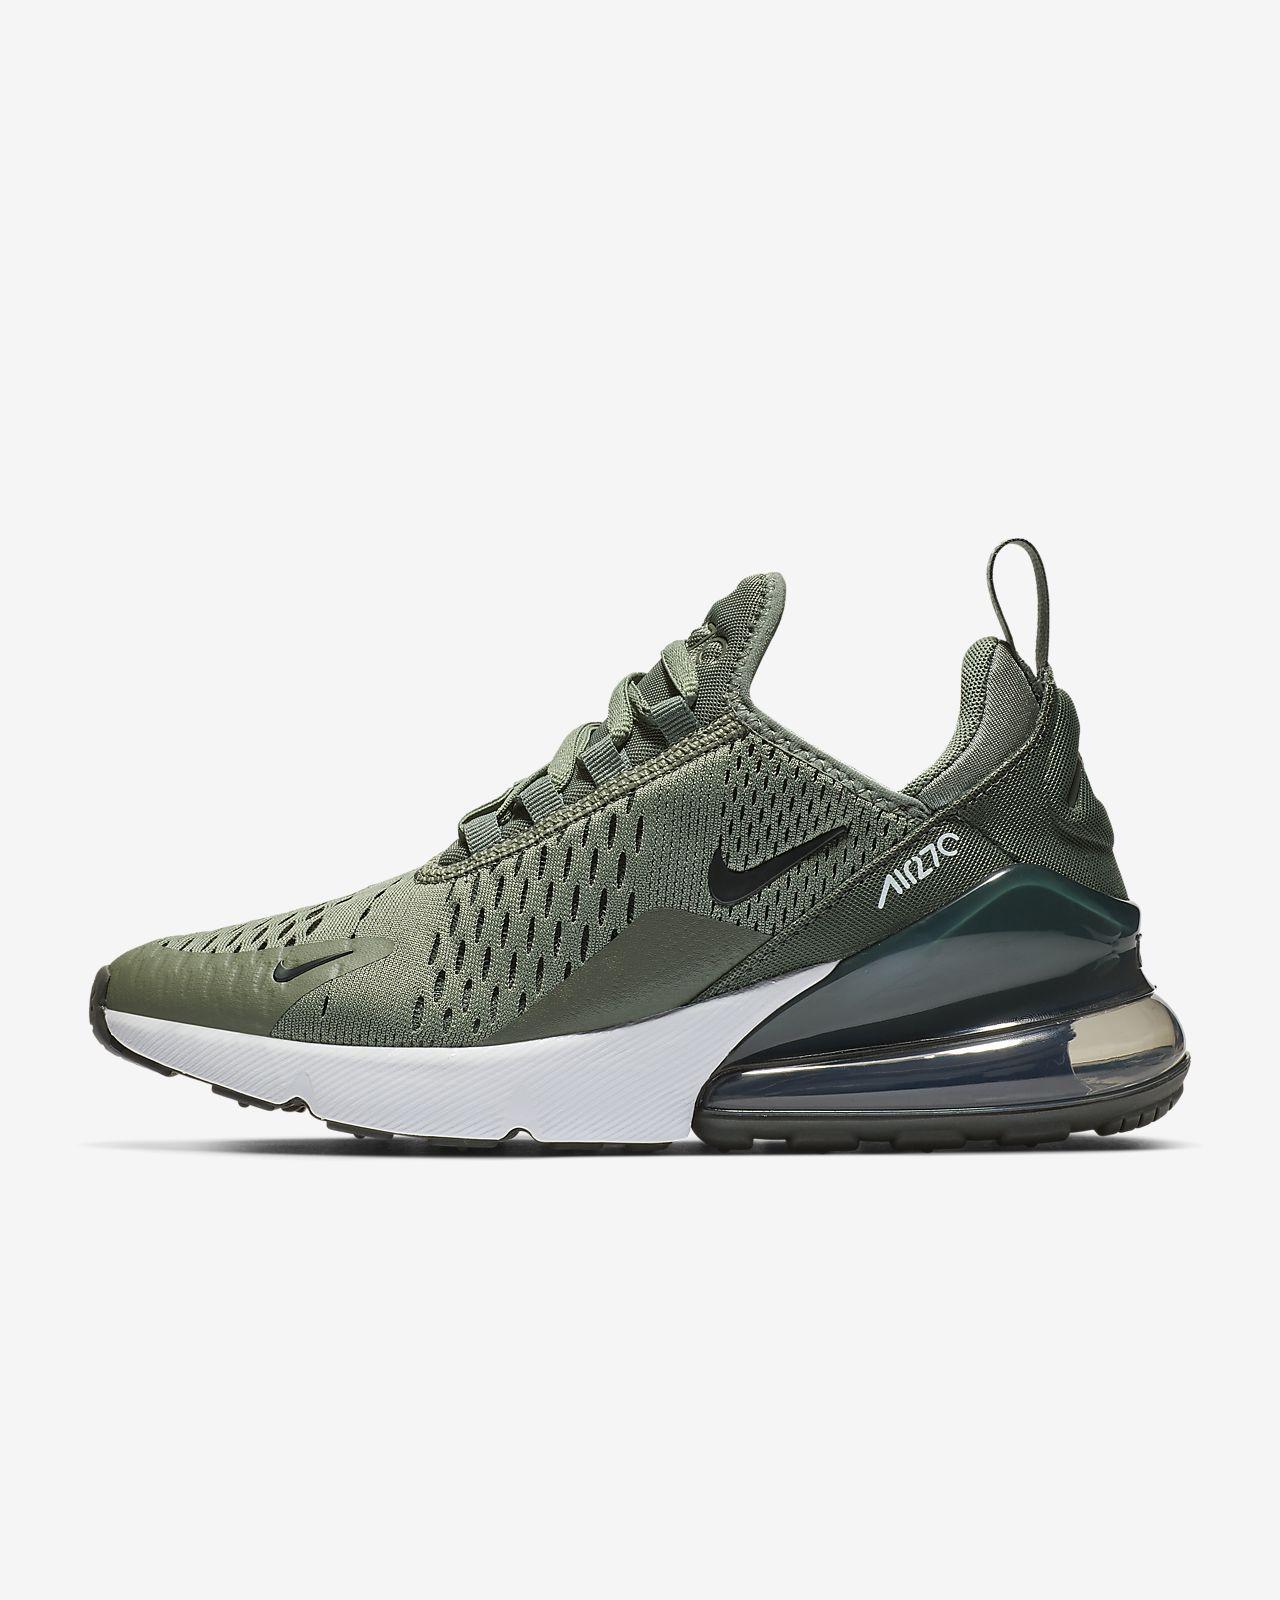 42418ea74d57e Chaussure Nike Air Max 270 pour Enfant plus âgé. Nike.com CA